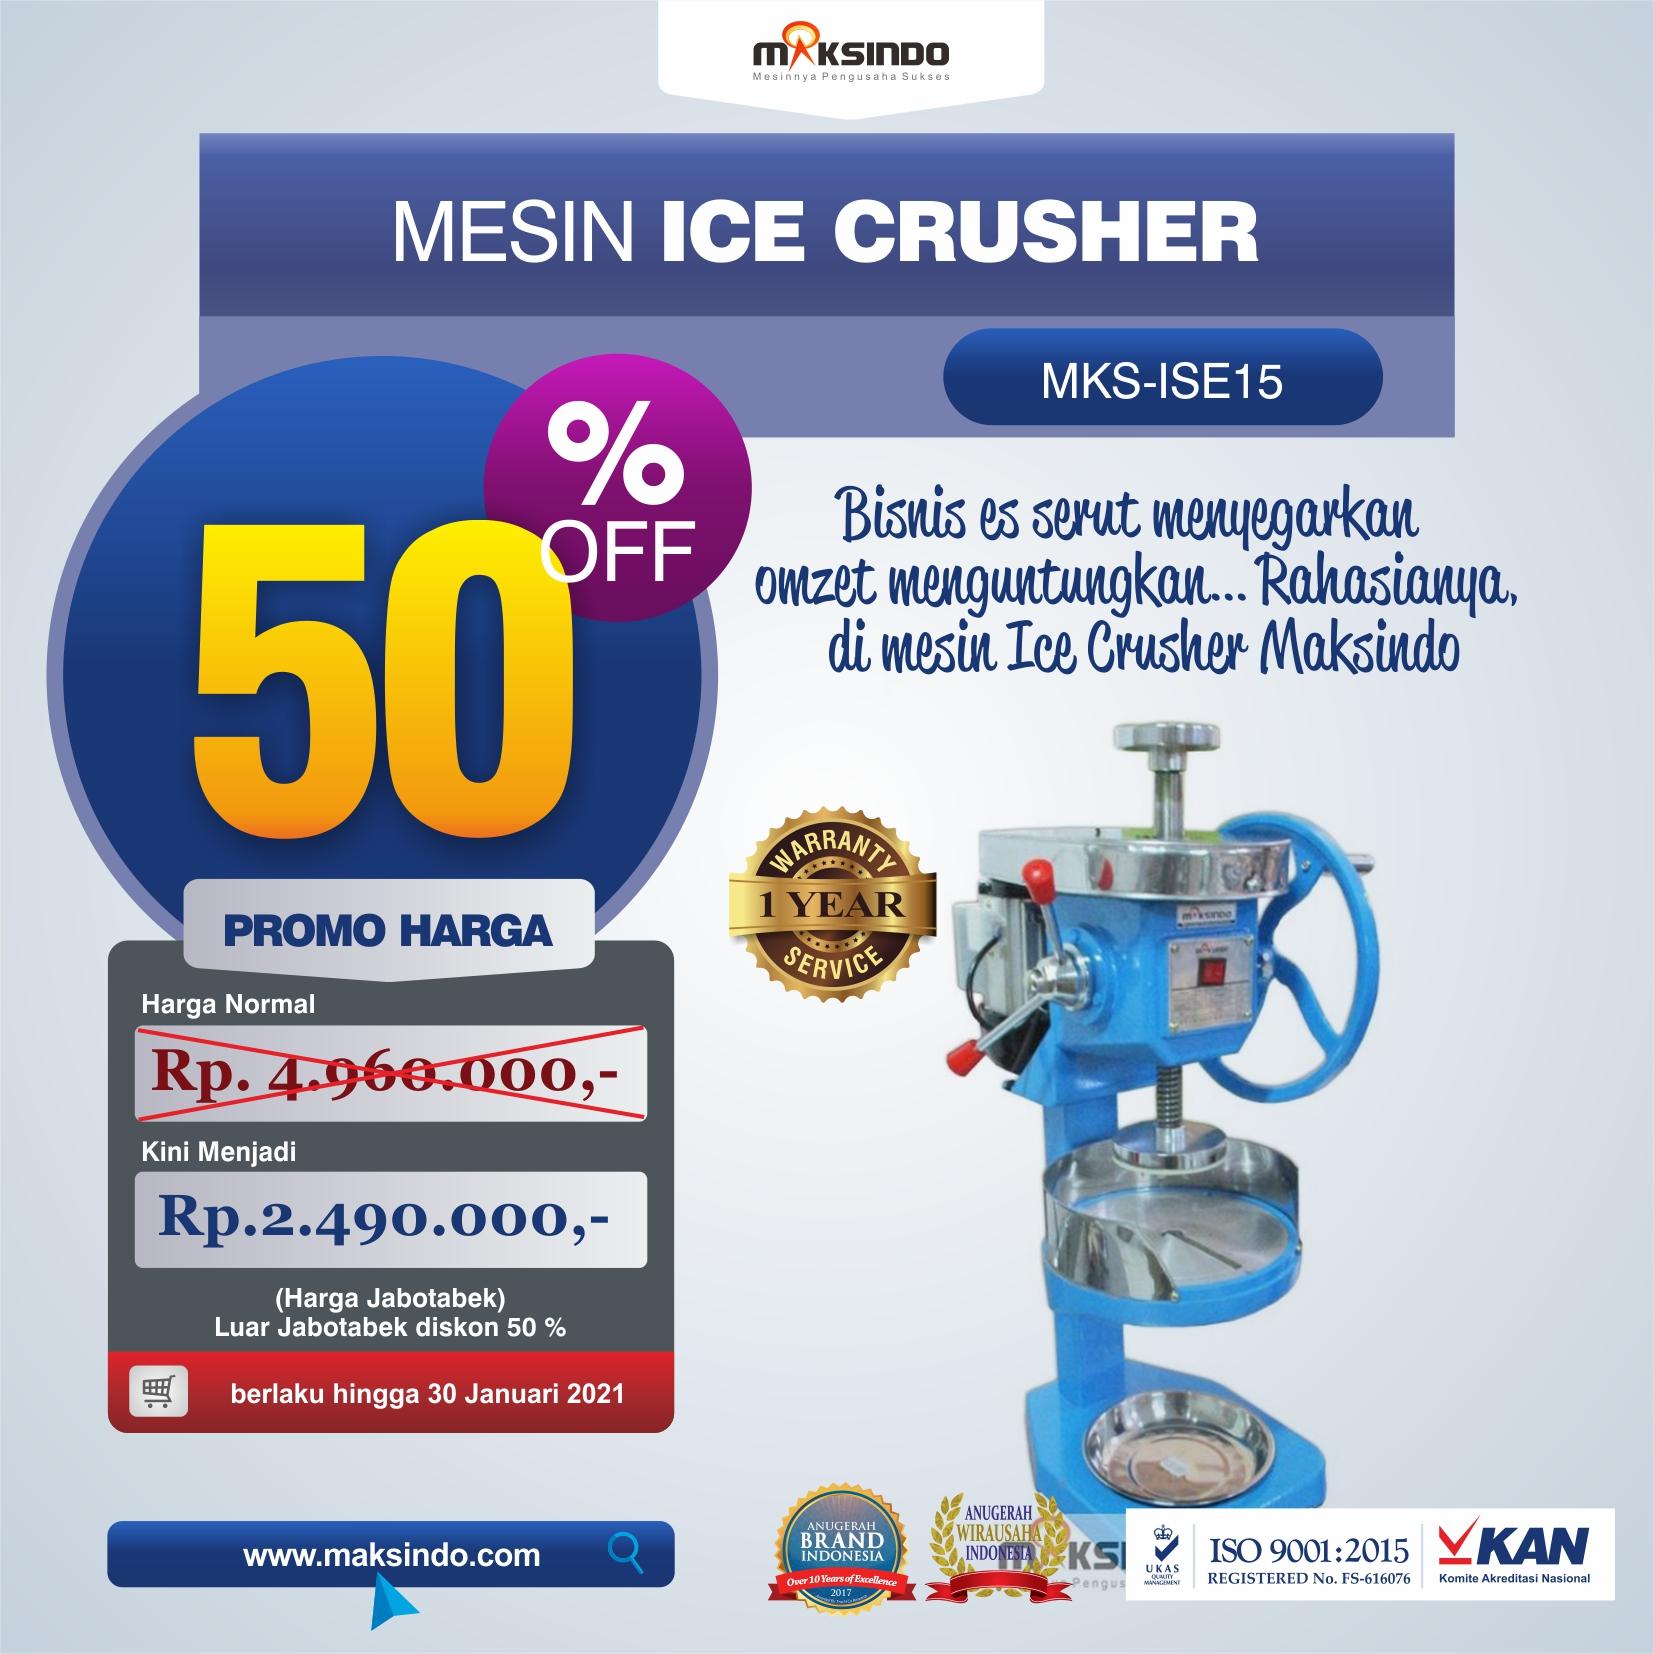 Jual Mesin Ice Crusher MKS-ISE15 di Solo